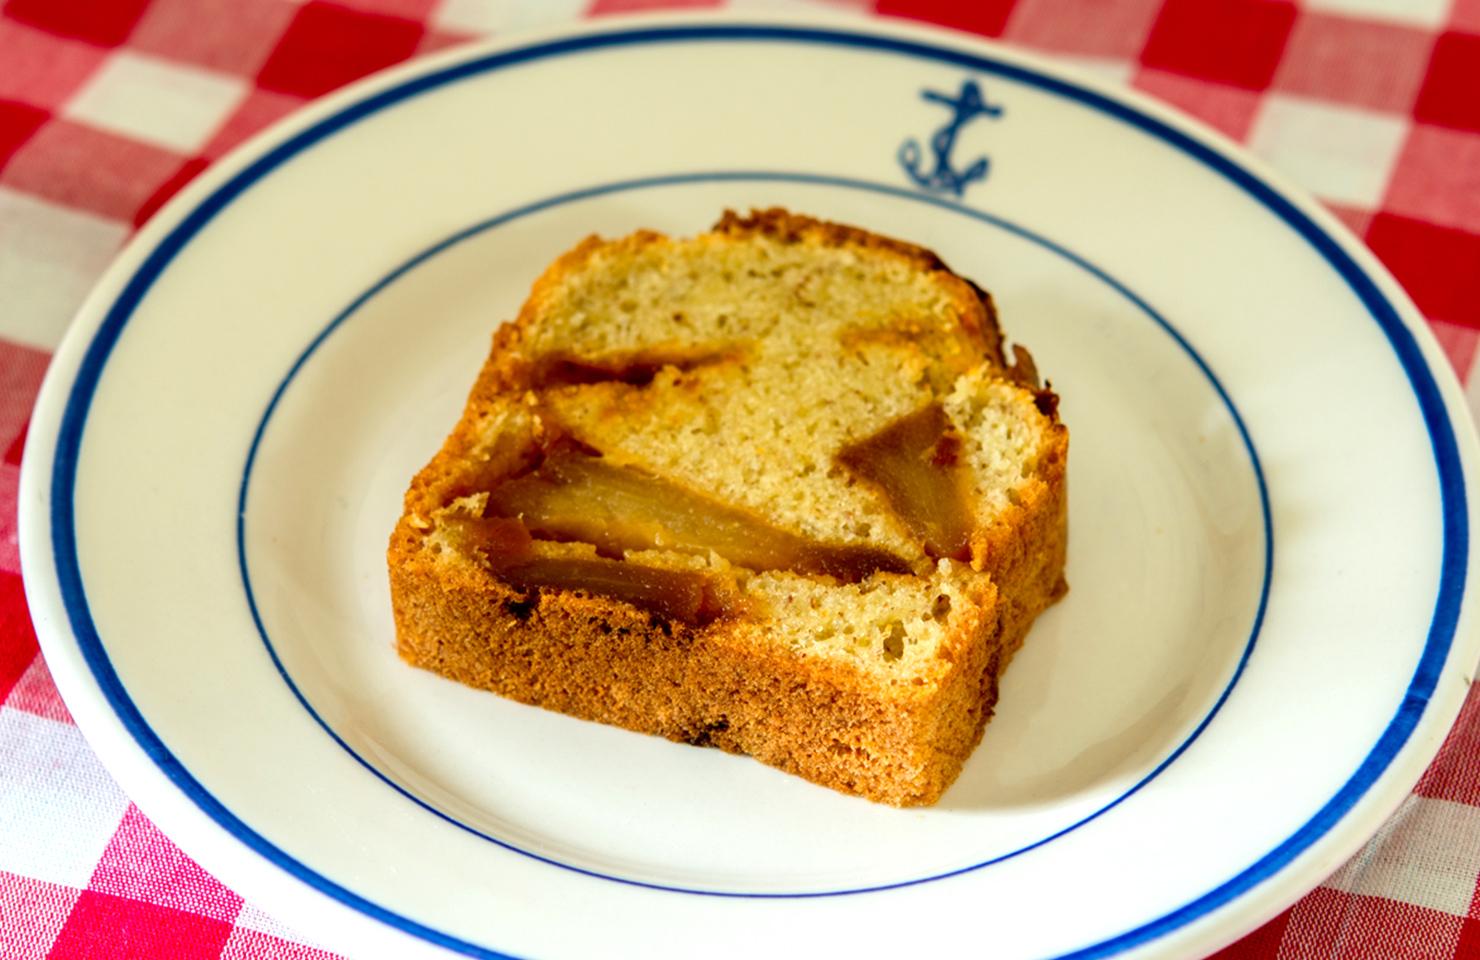 キャラメル林檎ケーキ